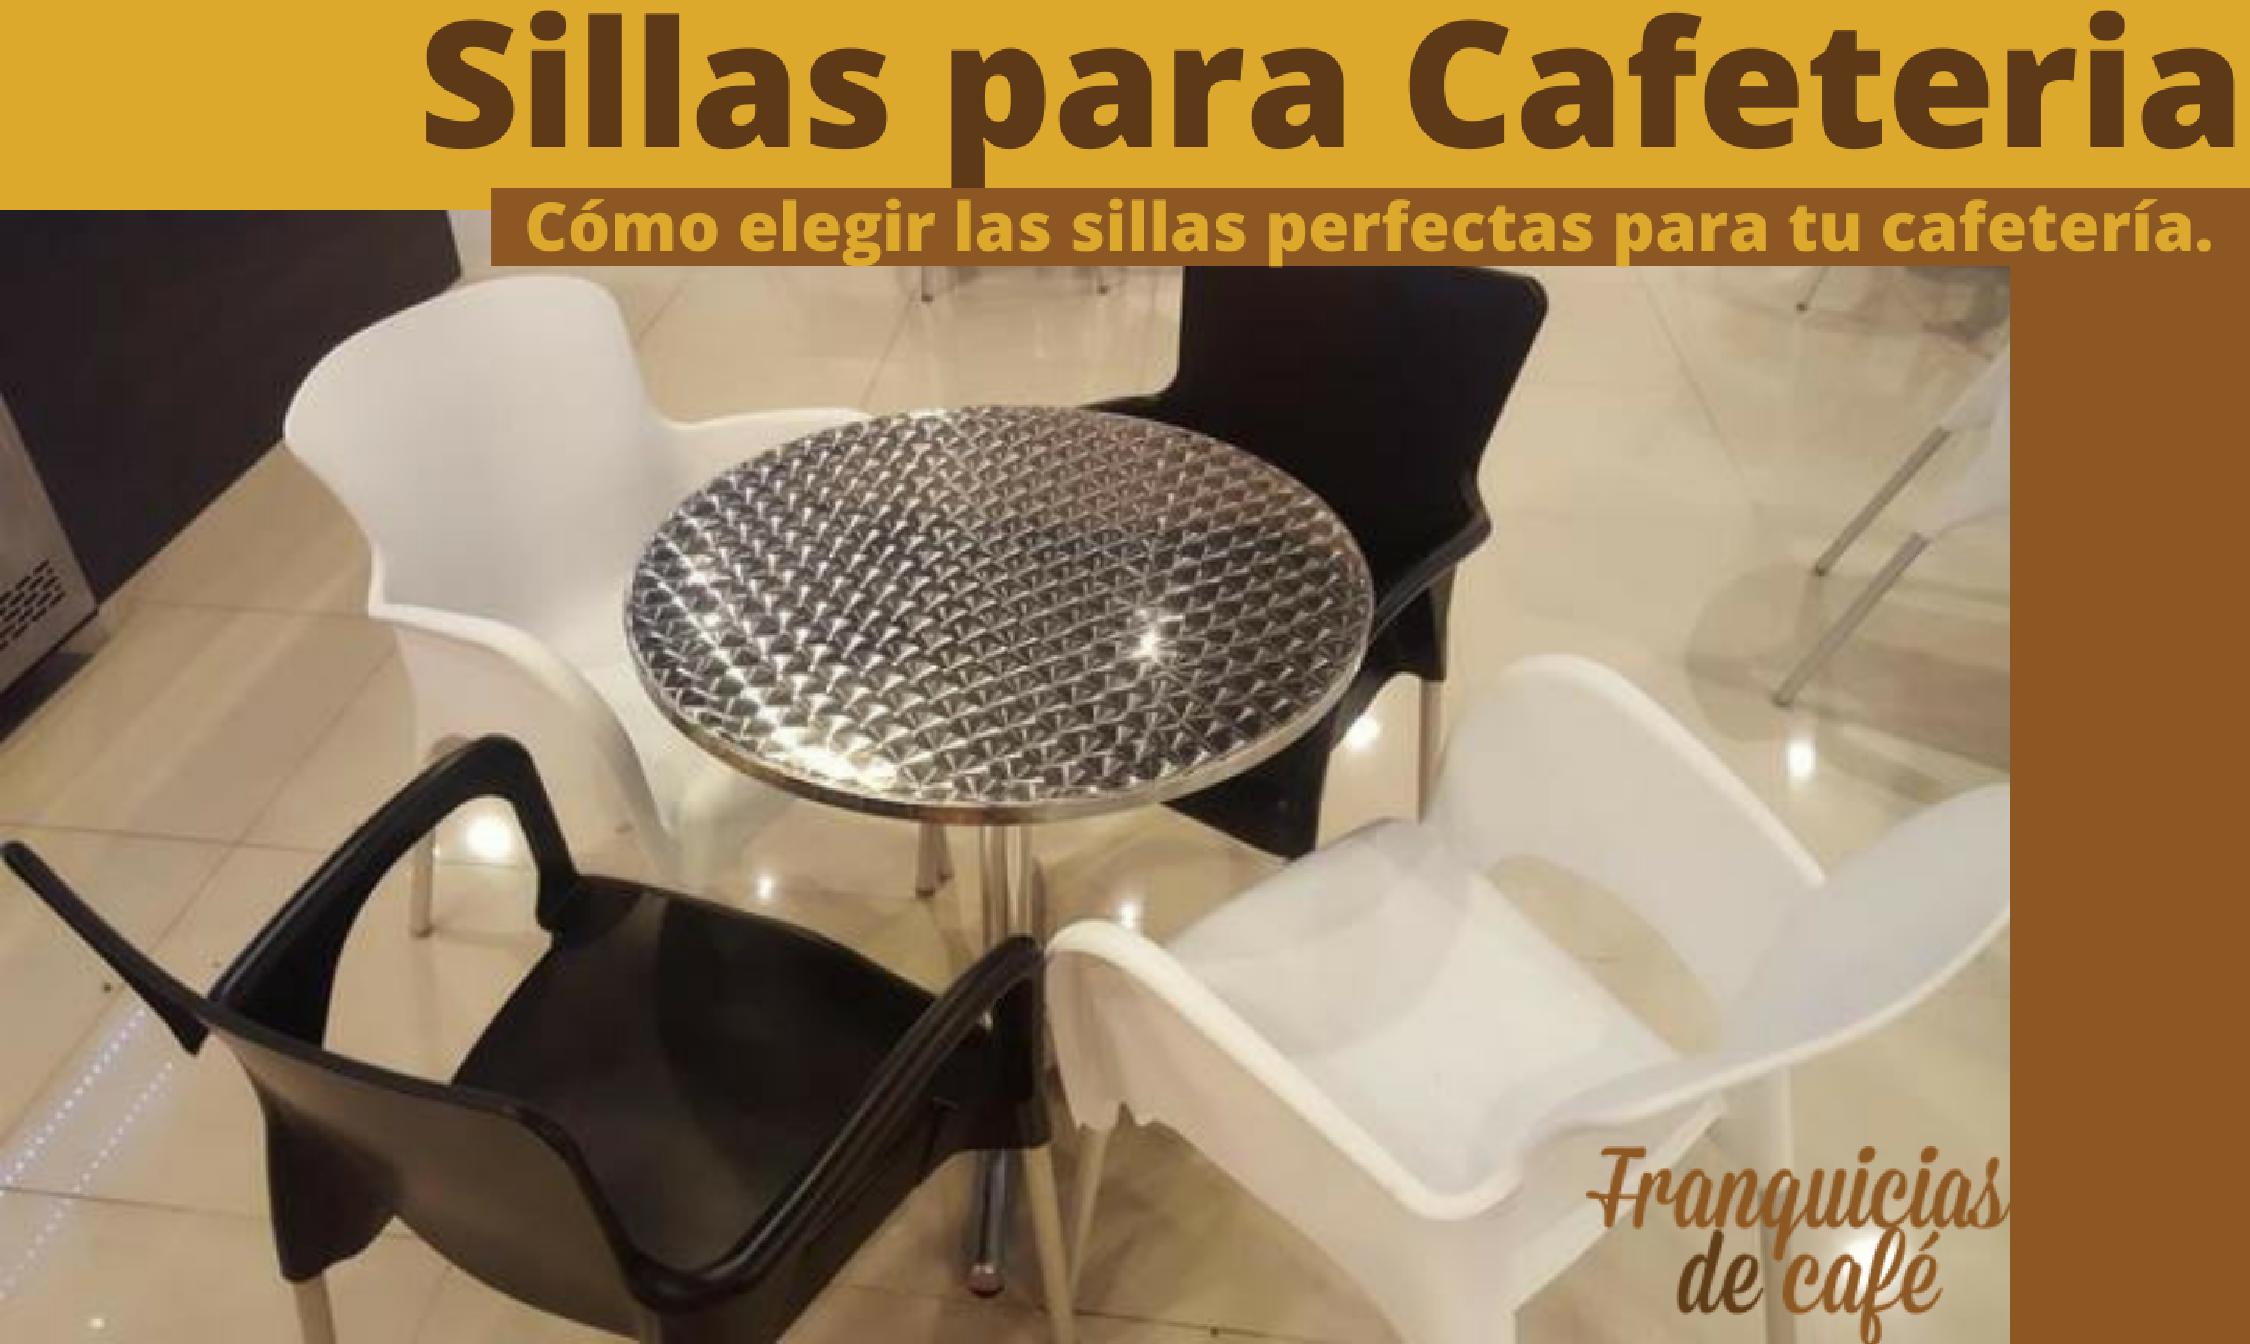 Sillas para cafeteria c mo comprar las correctas para tu negocio - Sillas para cafeteria ...